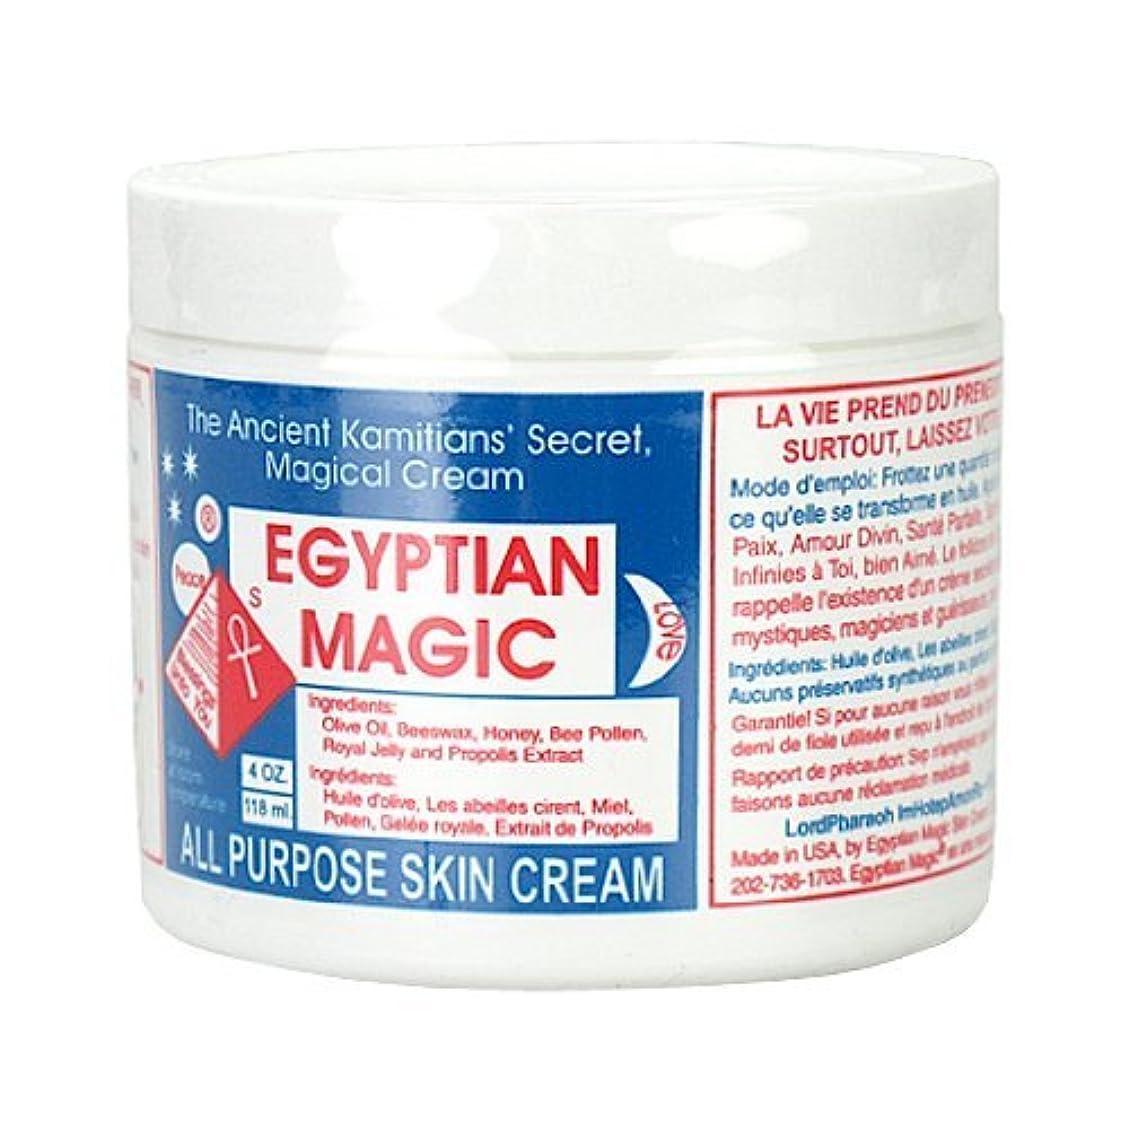 裁定格差柔らかいエジプシャンマジック EGYPTIAN MAGIC エジプシャン マジック クリーム 118ml 保湿クリーム